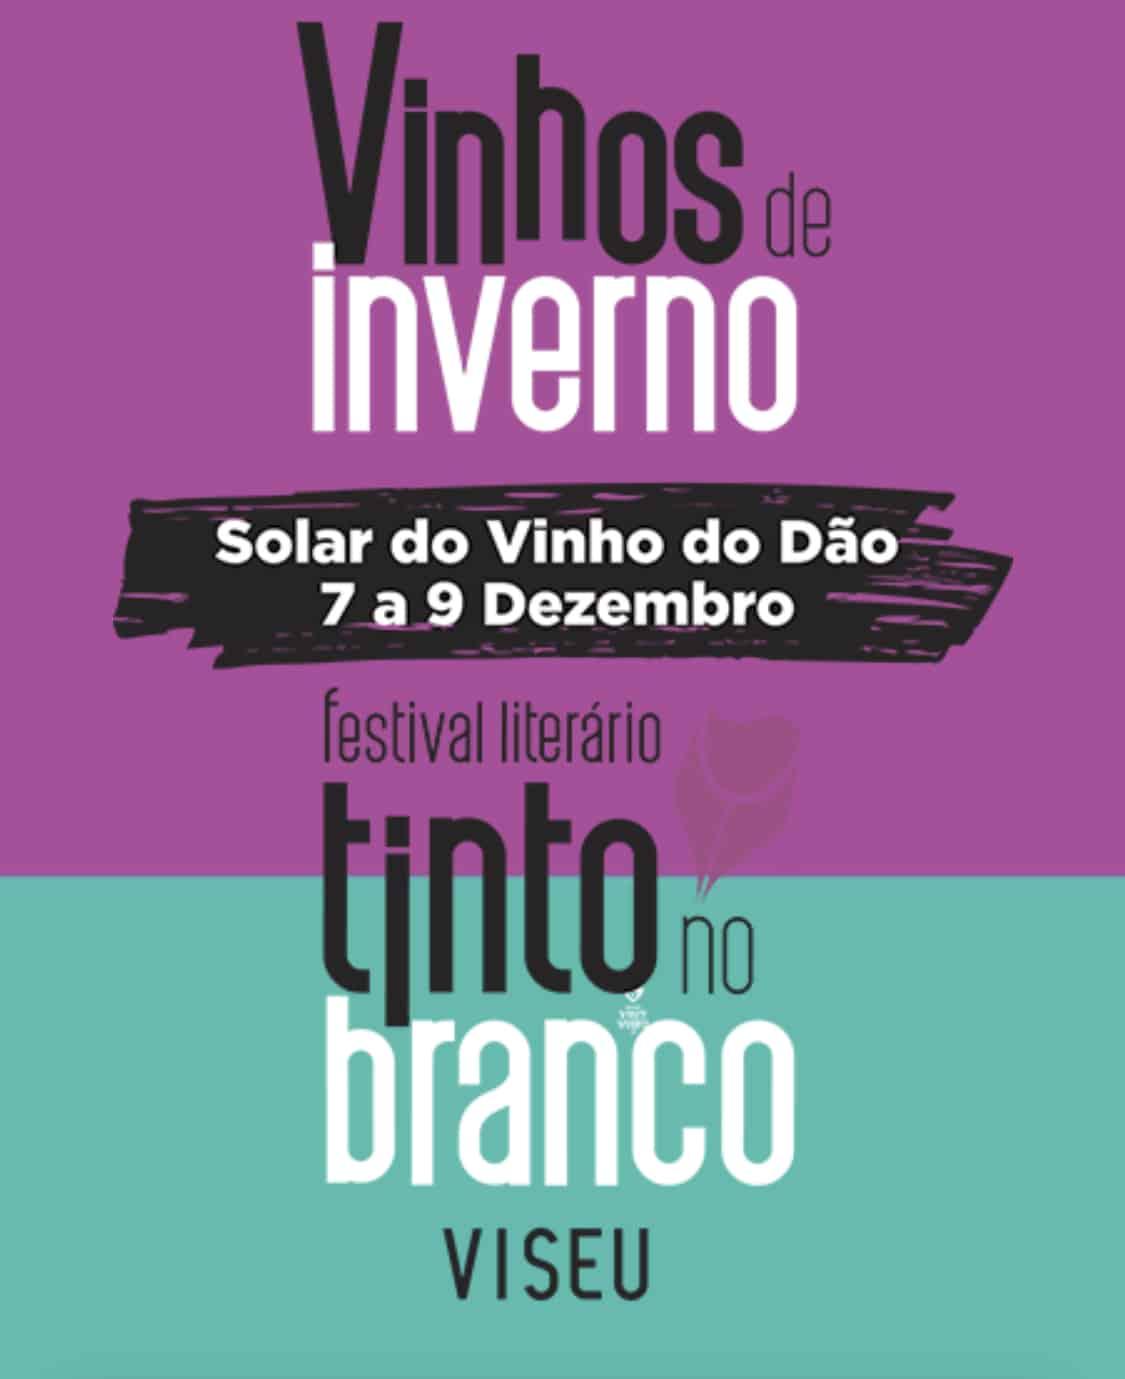 VINHOS DE INVERNO – FESTIVAL LITERÁRIO DE VISEU 2018